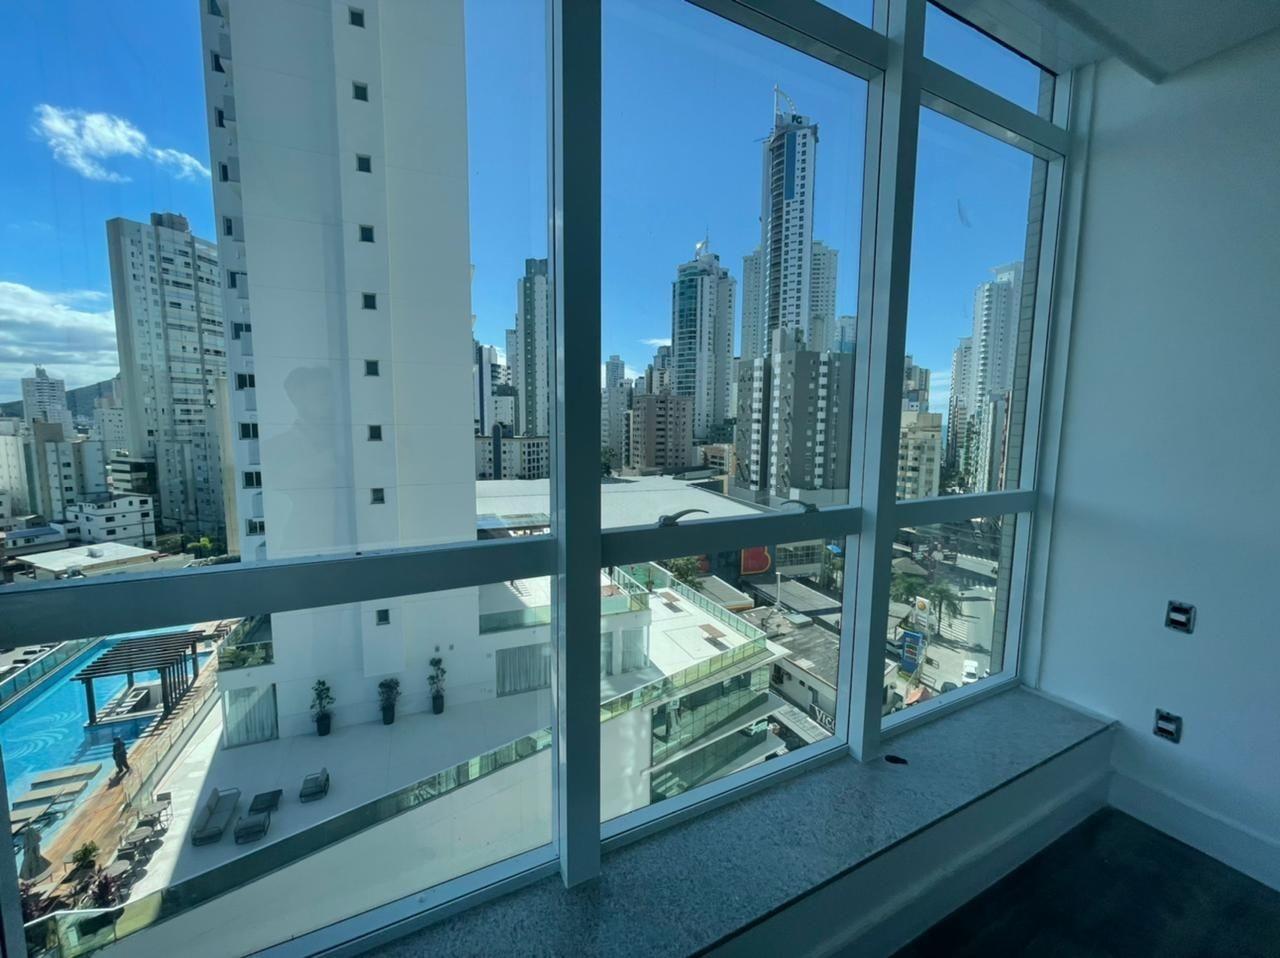 Apartamento no Edifício Marina Beach Towers em Balneário Camboriú - SC